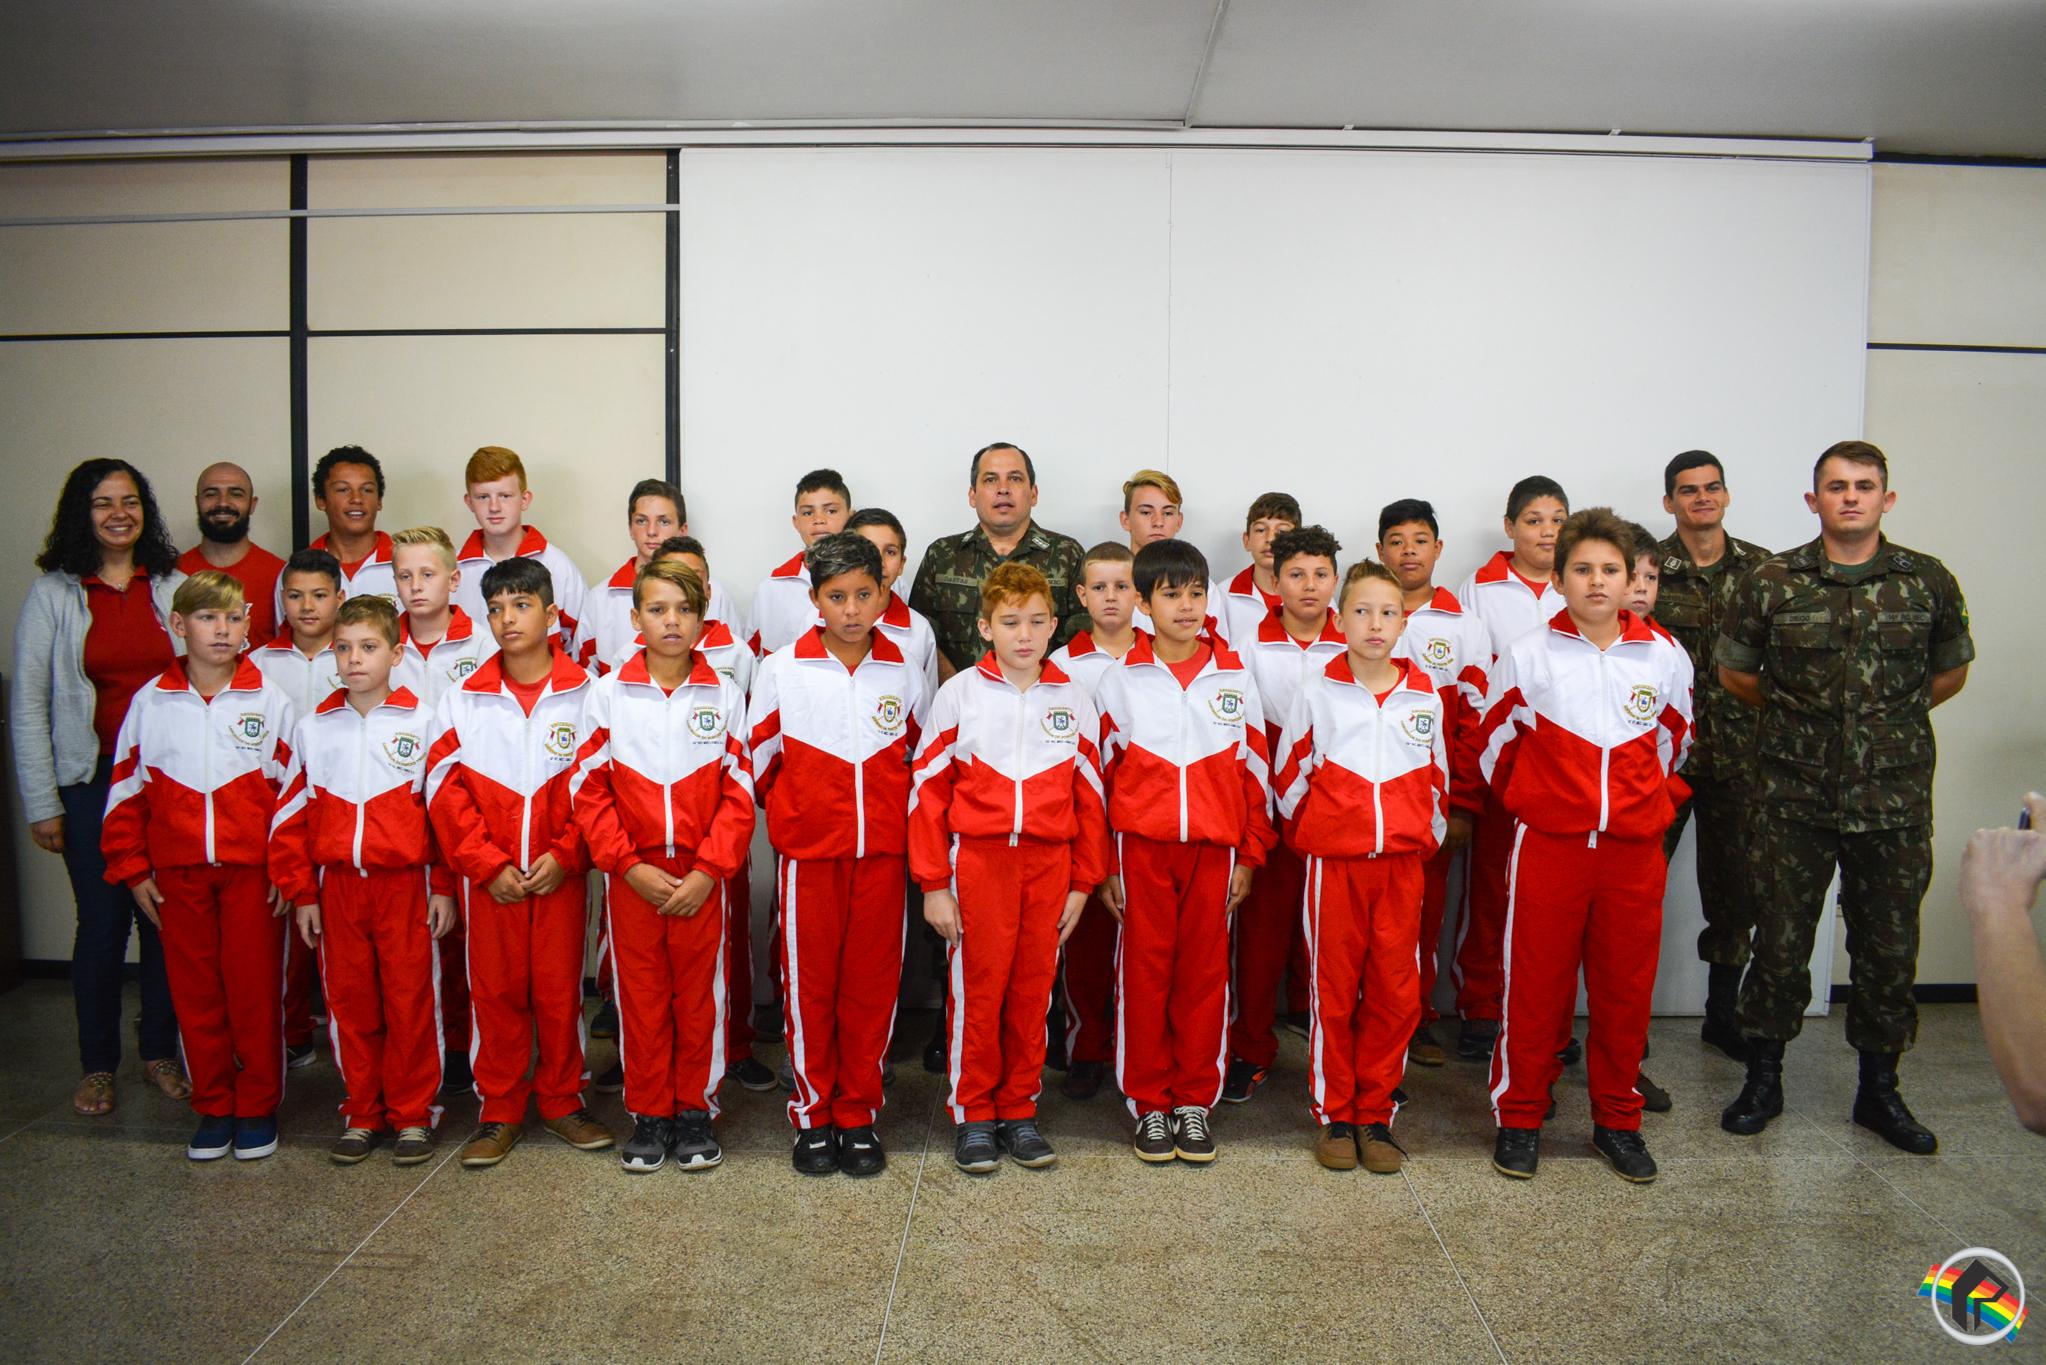 Projeto Pelotão Mirim forma 26 alunos em São Miguel do Oeste